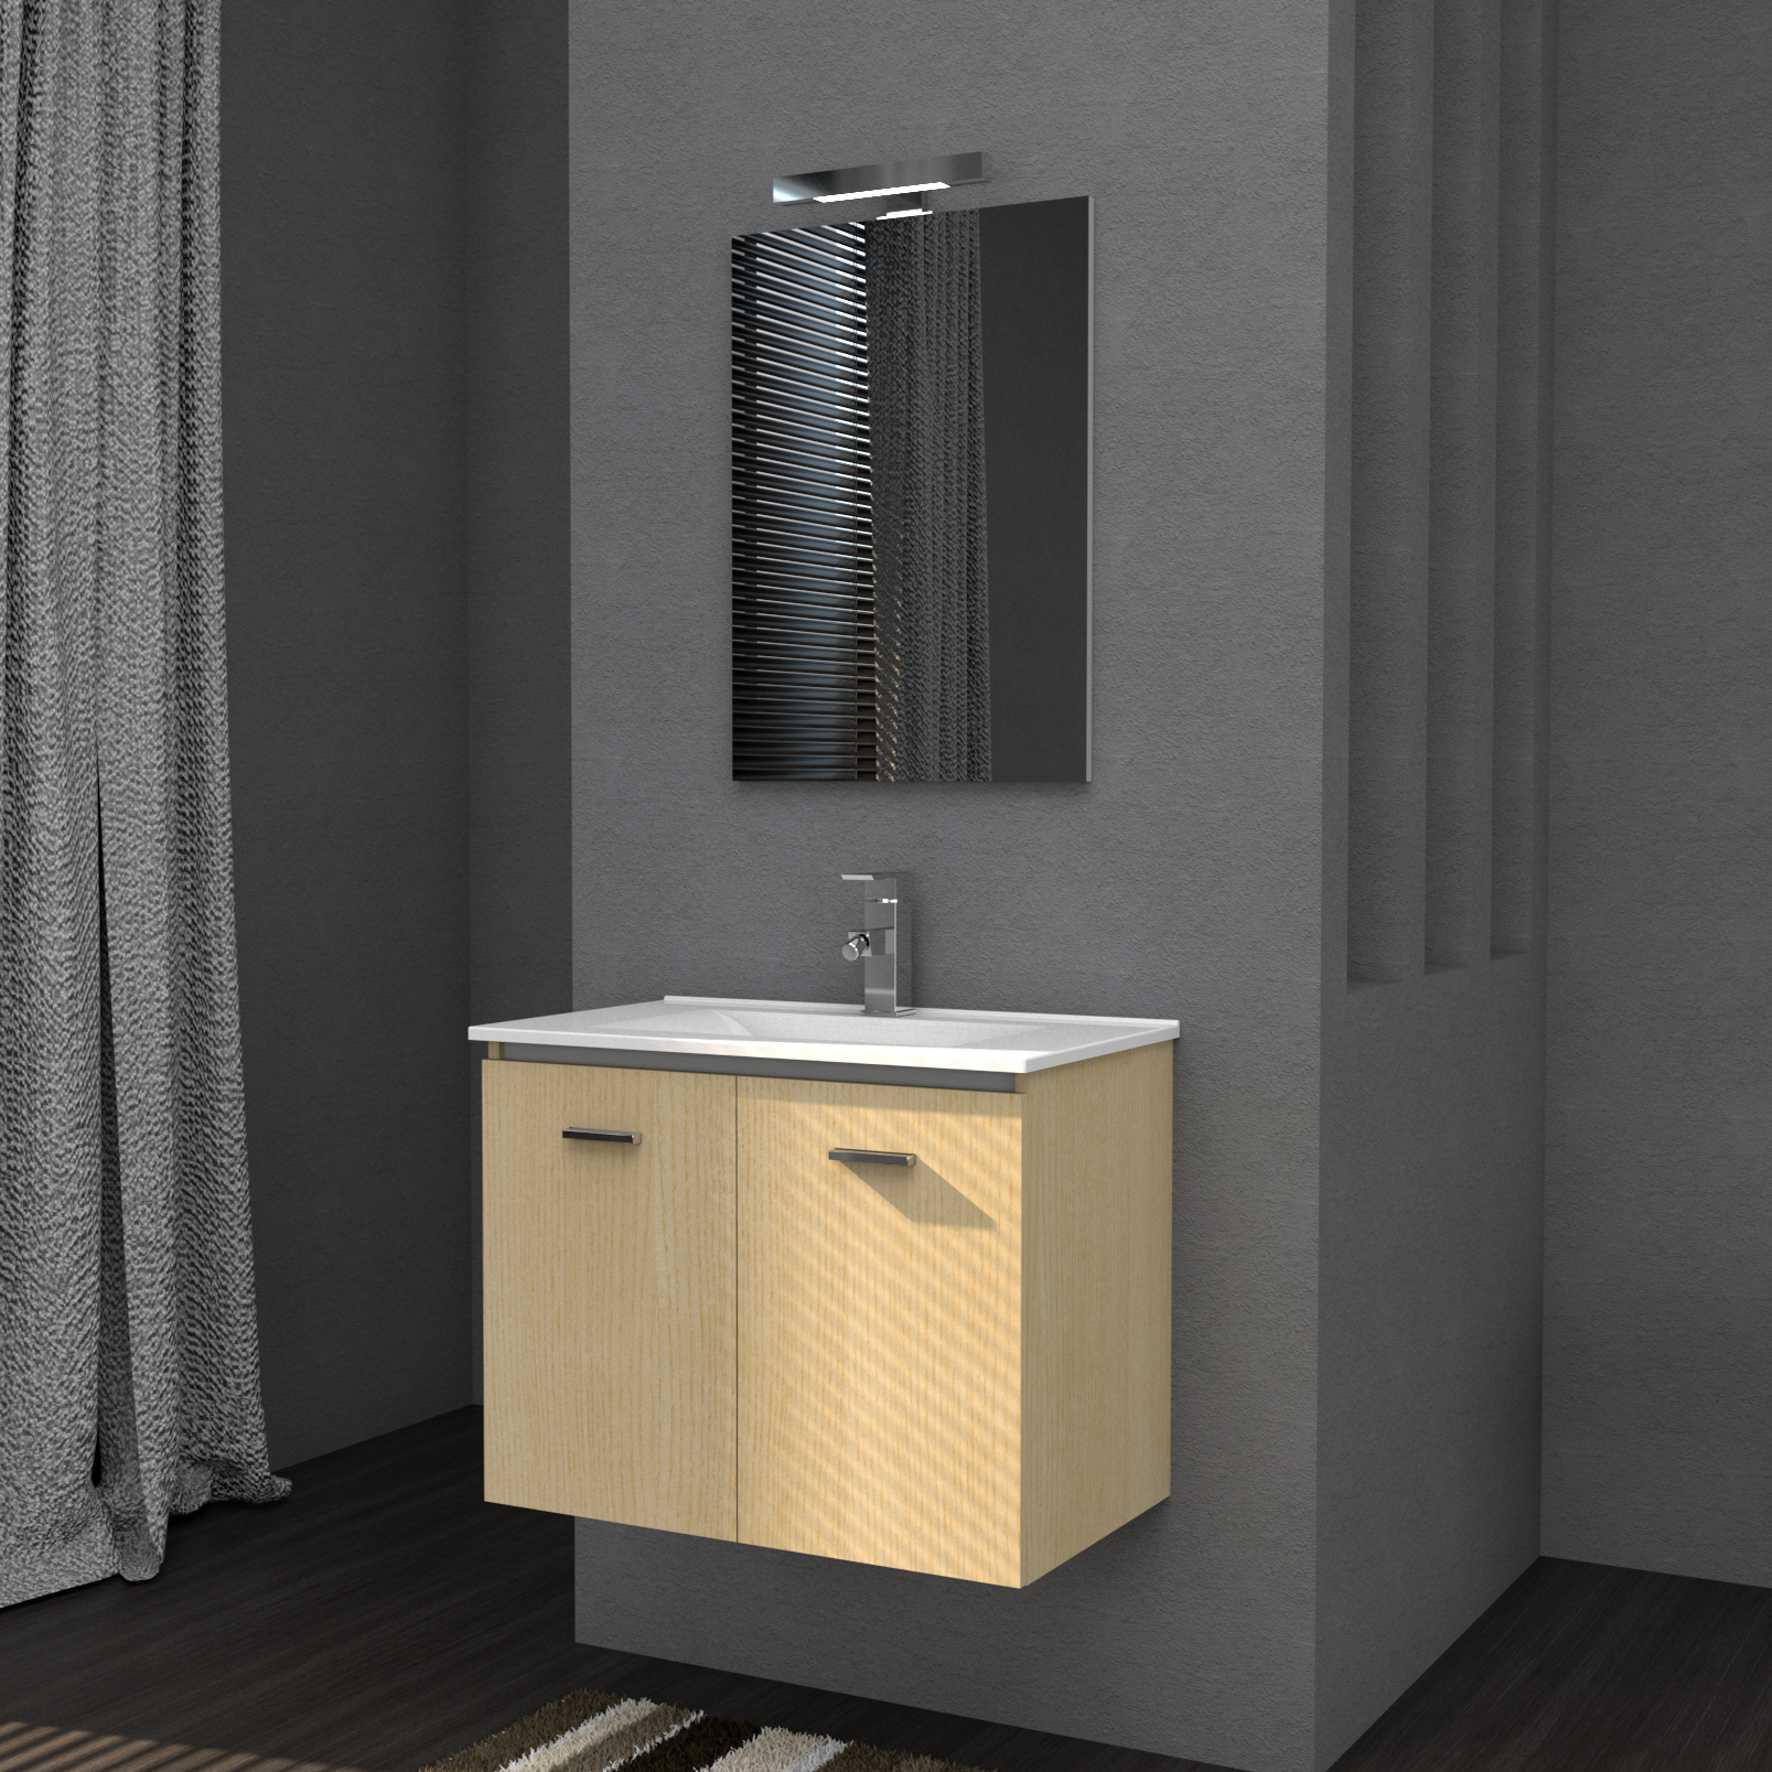 Mobile bagno sospeso FLY 61 cm 61x46 rovere con lavabo in ceramica